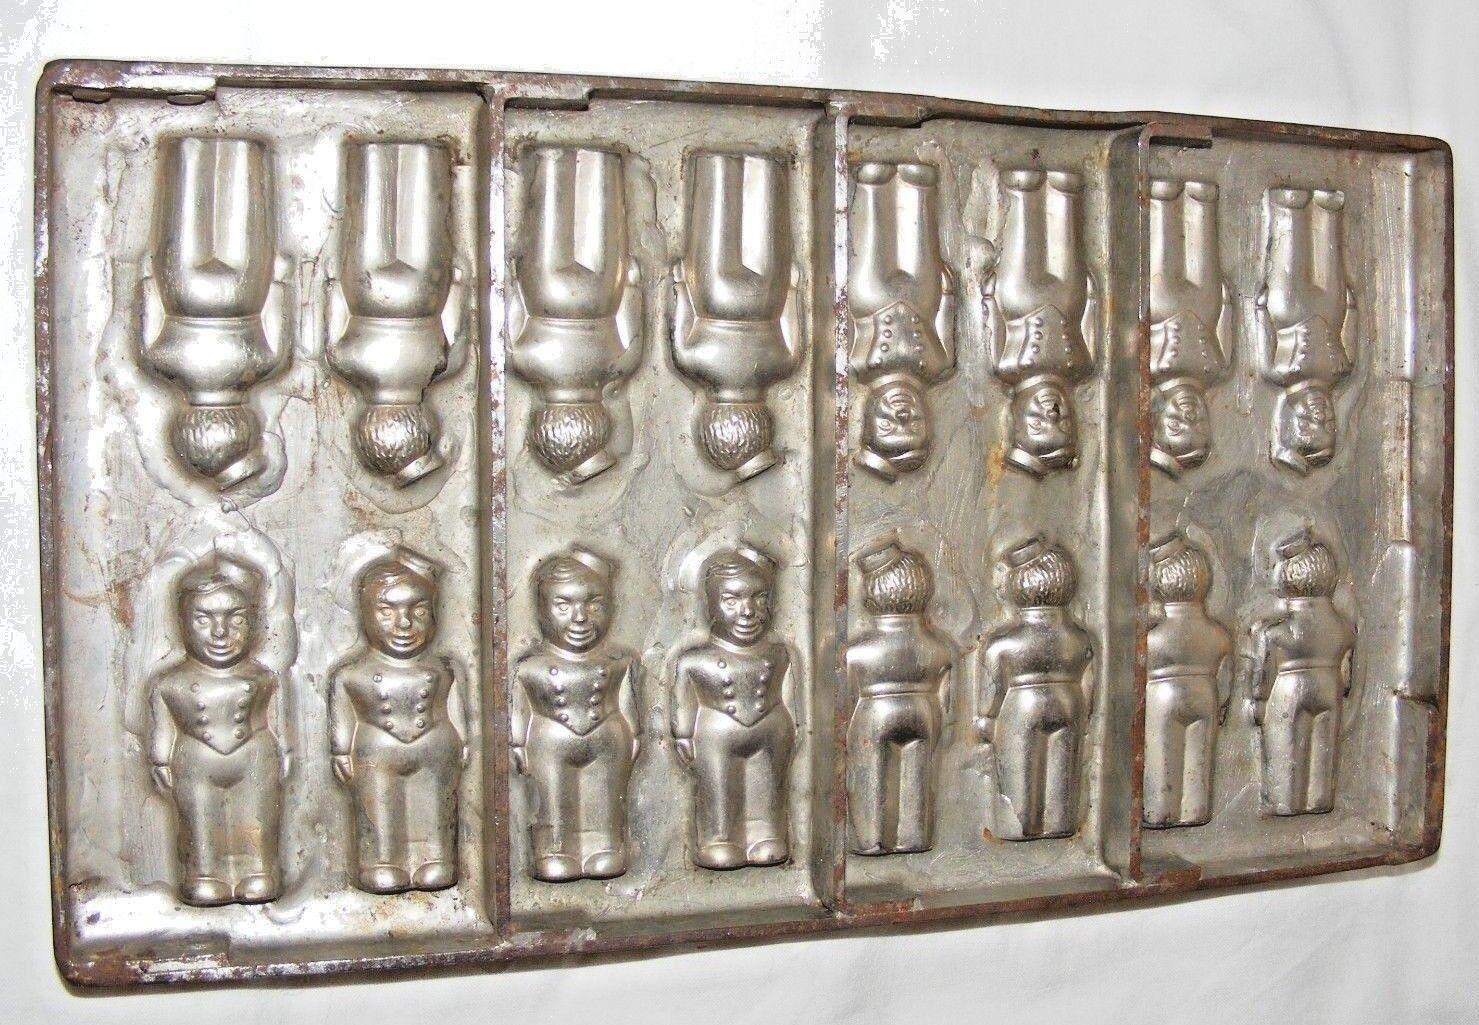 Vintage Hollandais Chocolat Moule chasseurs multiples Moule 16 avant et arrière Tilburg